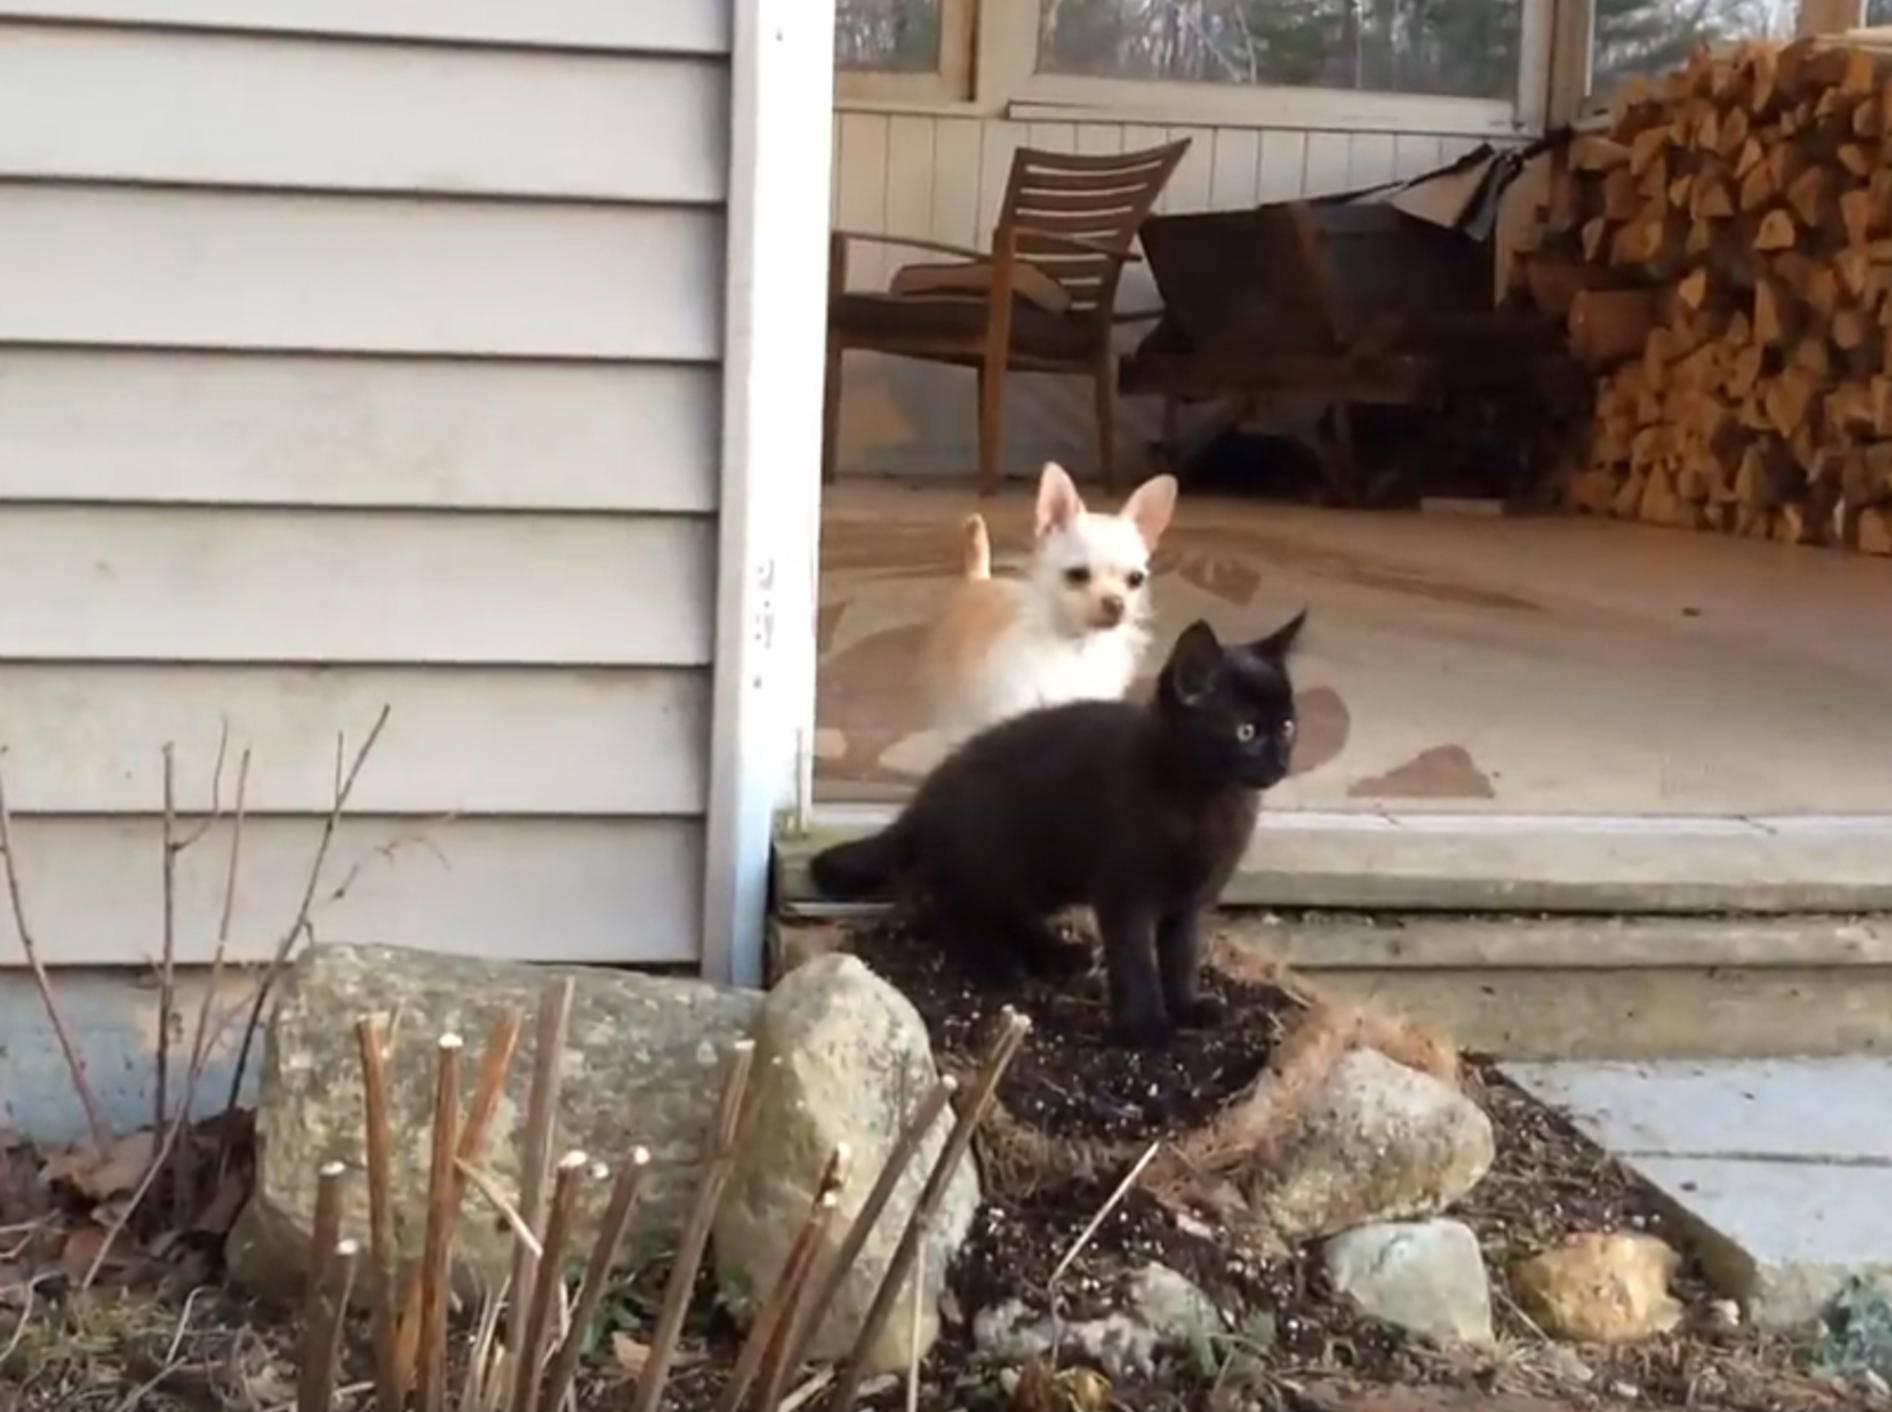 Chihuahua Lola hat Spaß mit ihren Kätzchenfreunden – YouTube / Sunflower Farm Creamery